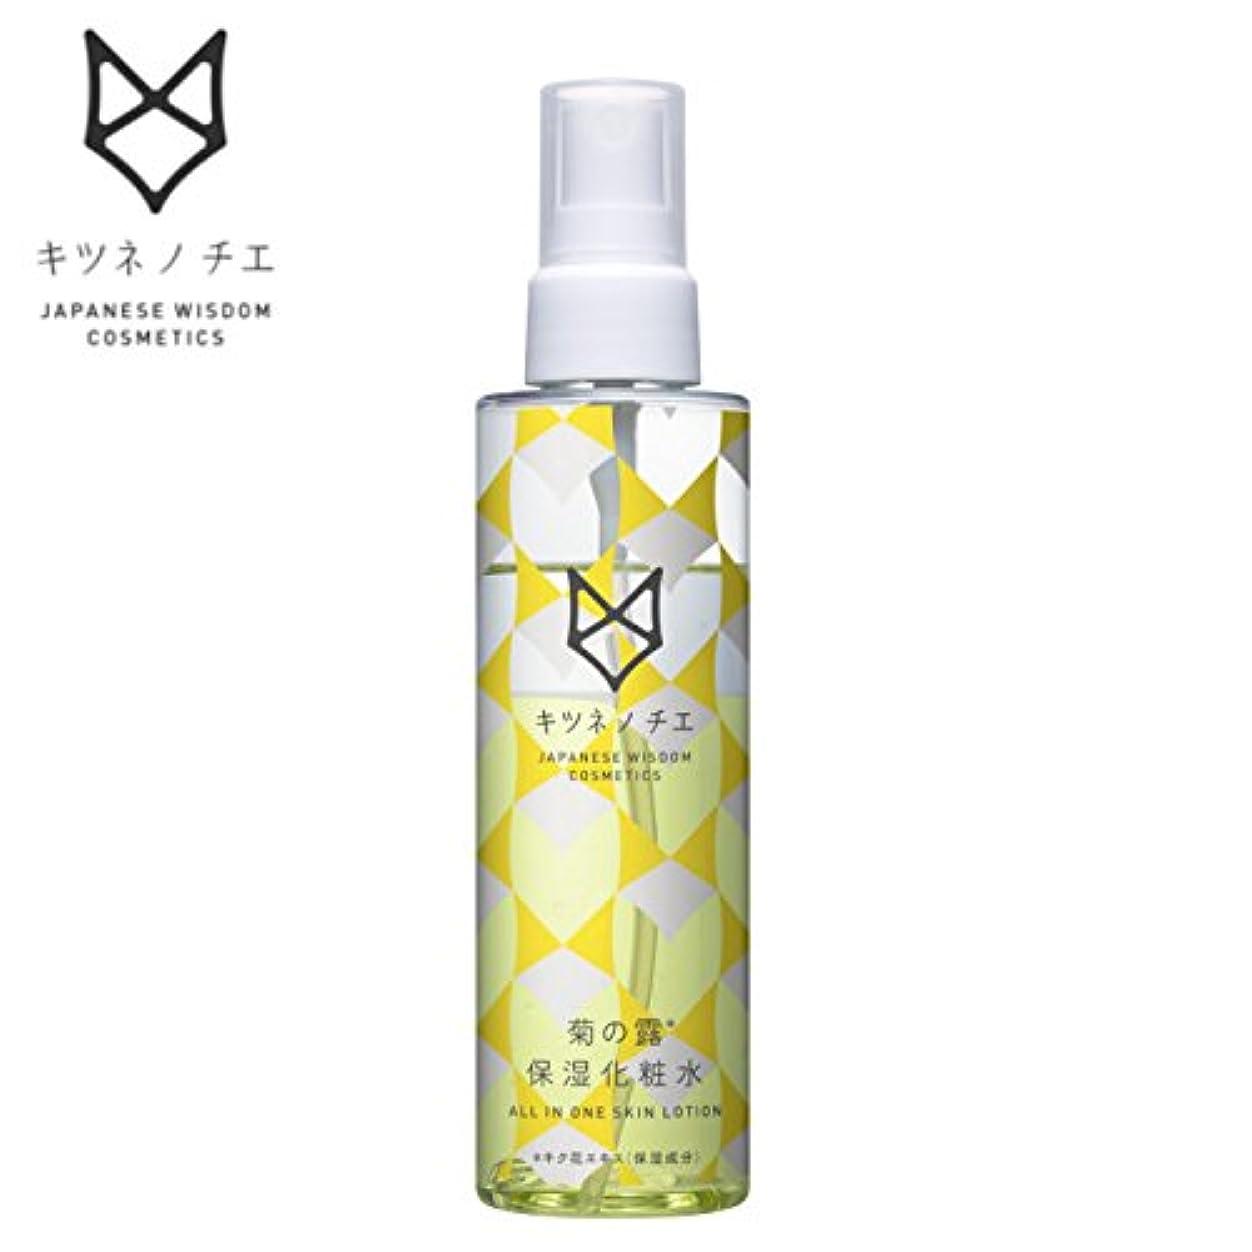 はげ仲間、同僚グラスキツネノチエ 菊の露 保湿化粧水 W44xD44xH172mm